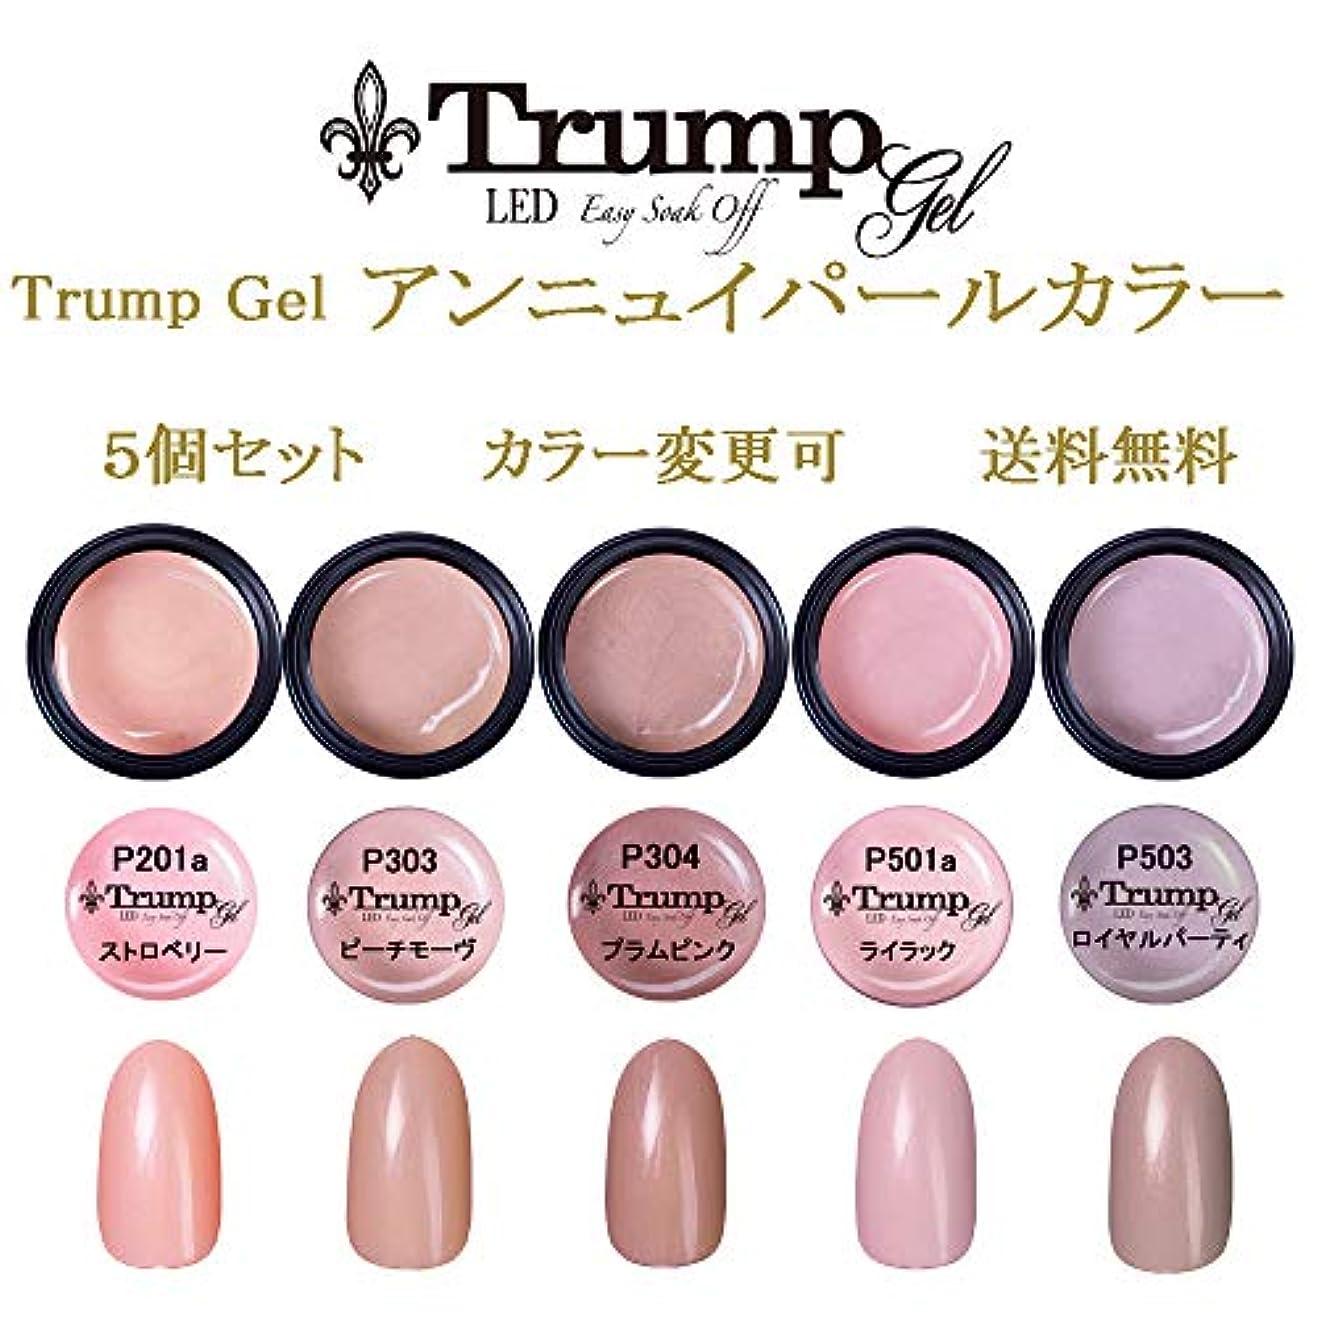 サーキットに行くを除くフォーカス日本製 Trump gel トランプジェル アンニュイ パール 選べる カラージェル 5個セット ピンク ベージュ パープル